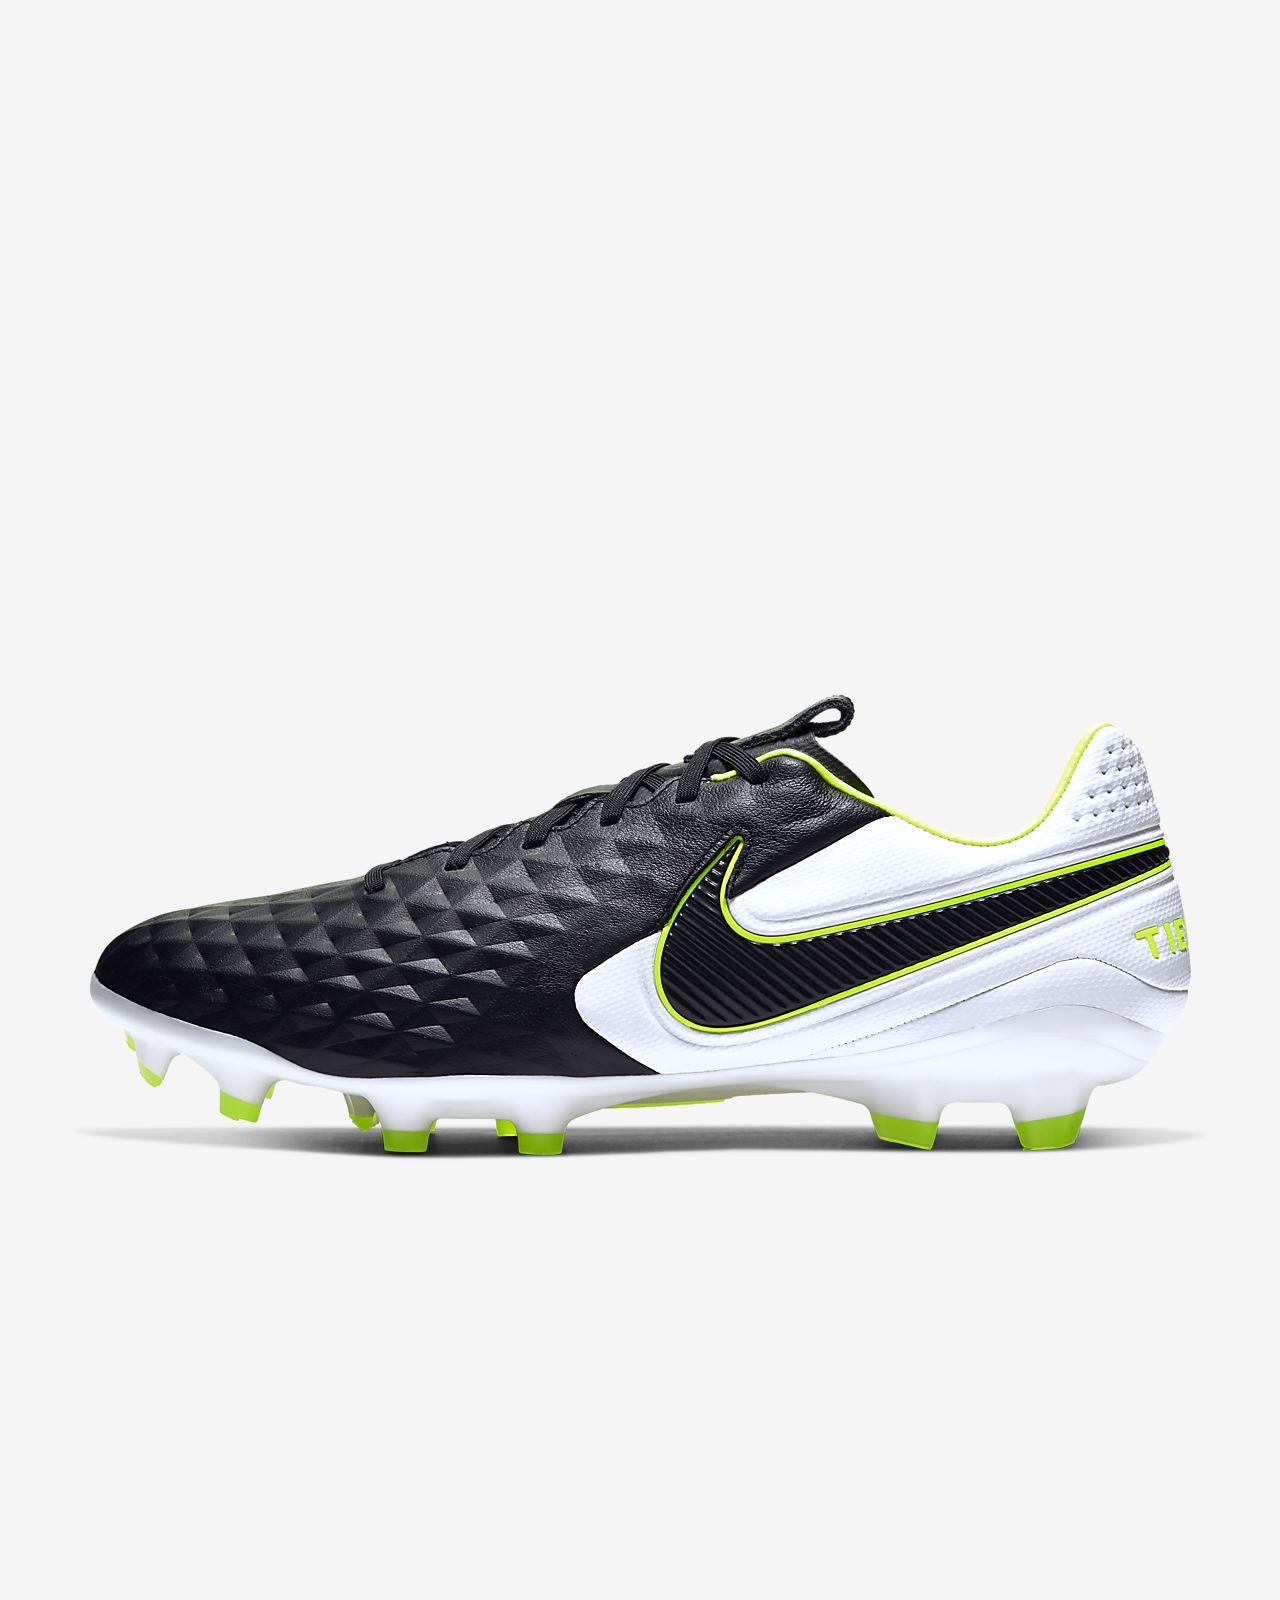 Kopačka Nike Tiempo Legend 8 Elite FG na pevný povrch